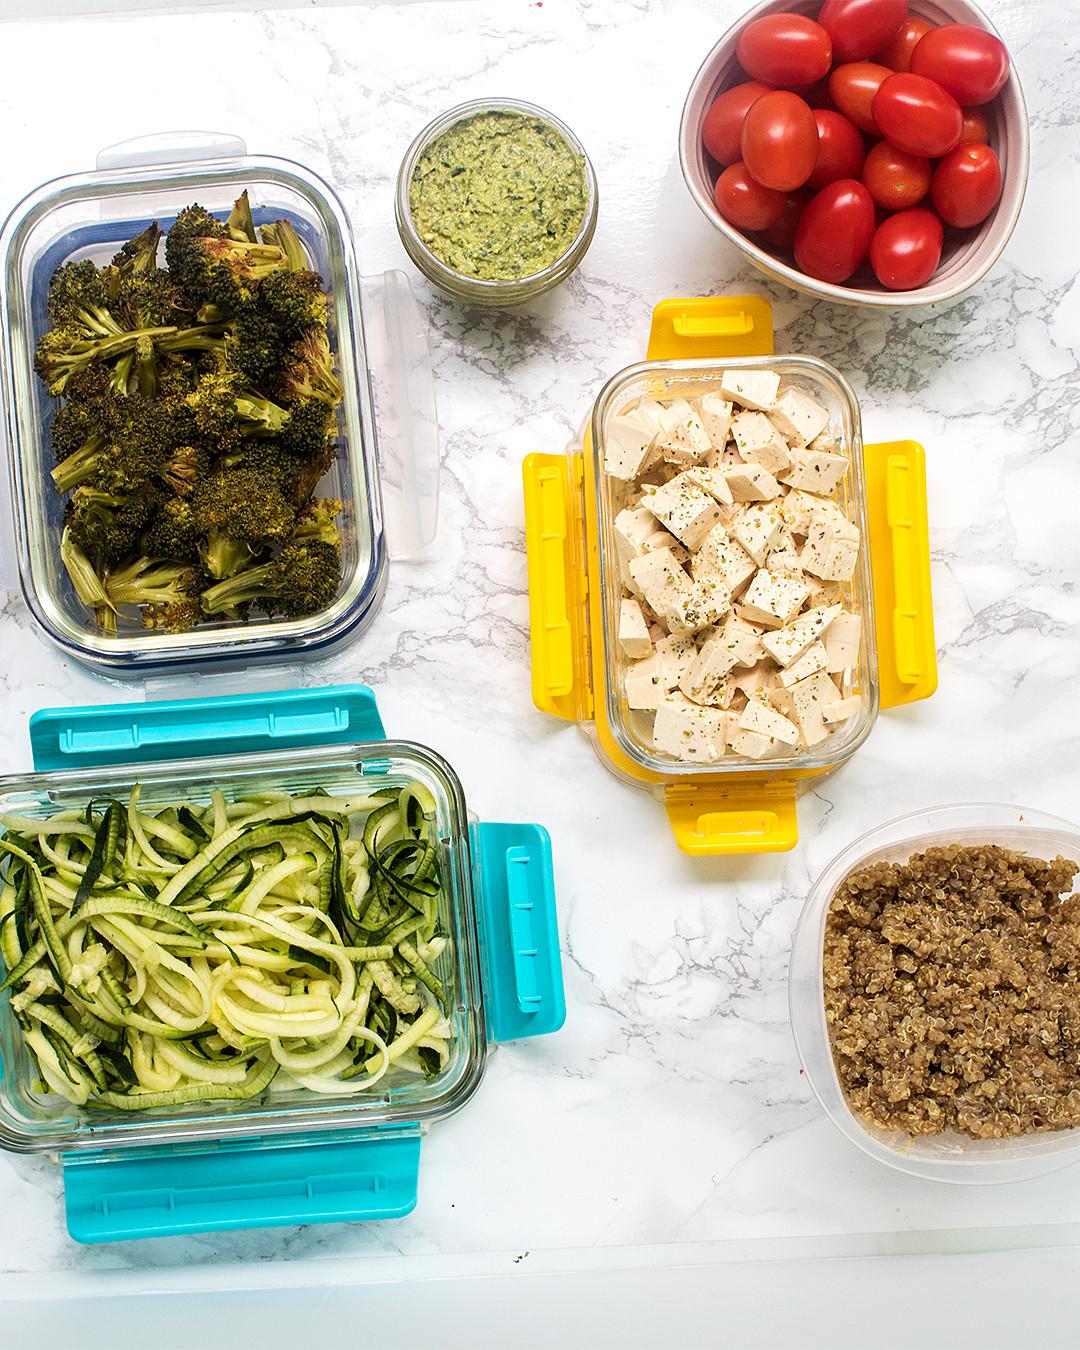 Vegan Breakfast Meal Prep For The Week  1 Week Vegan Meal Prep 20 Minutes 5 different meals